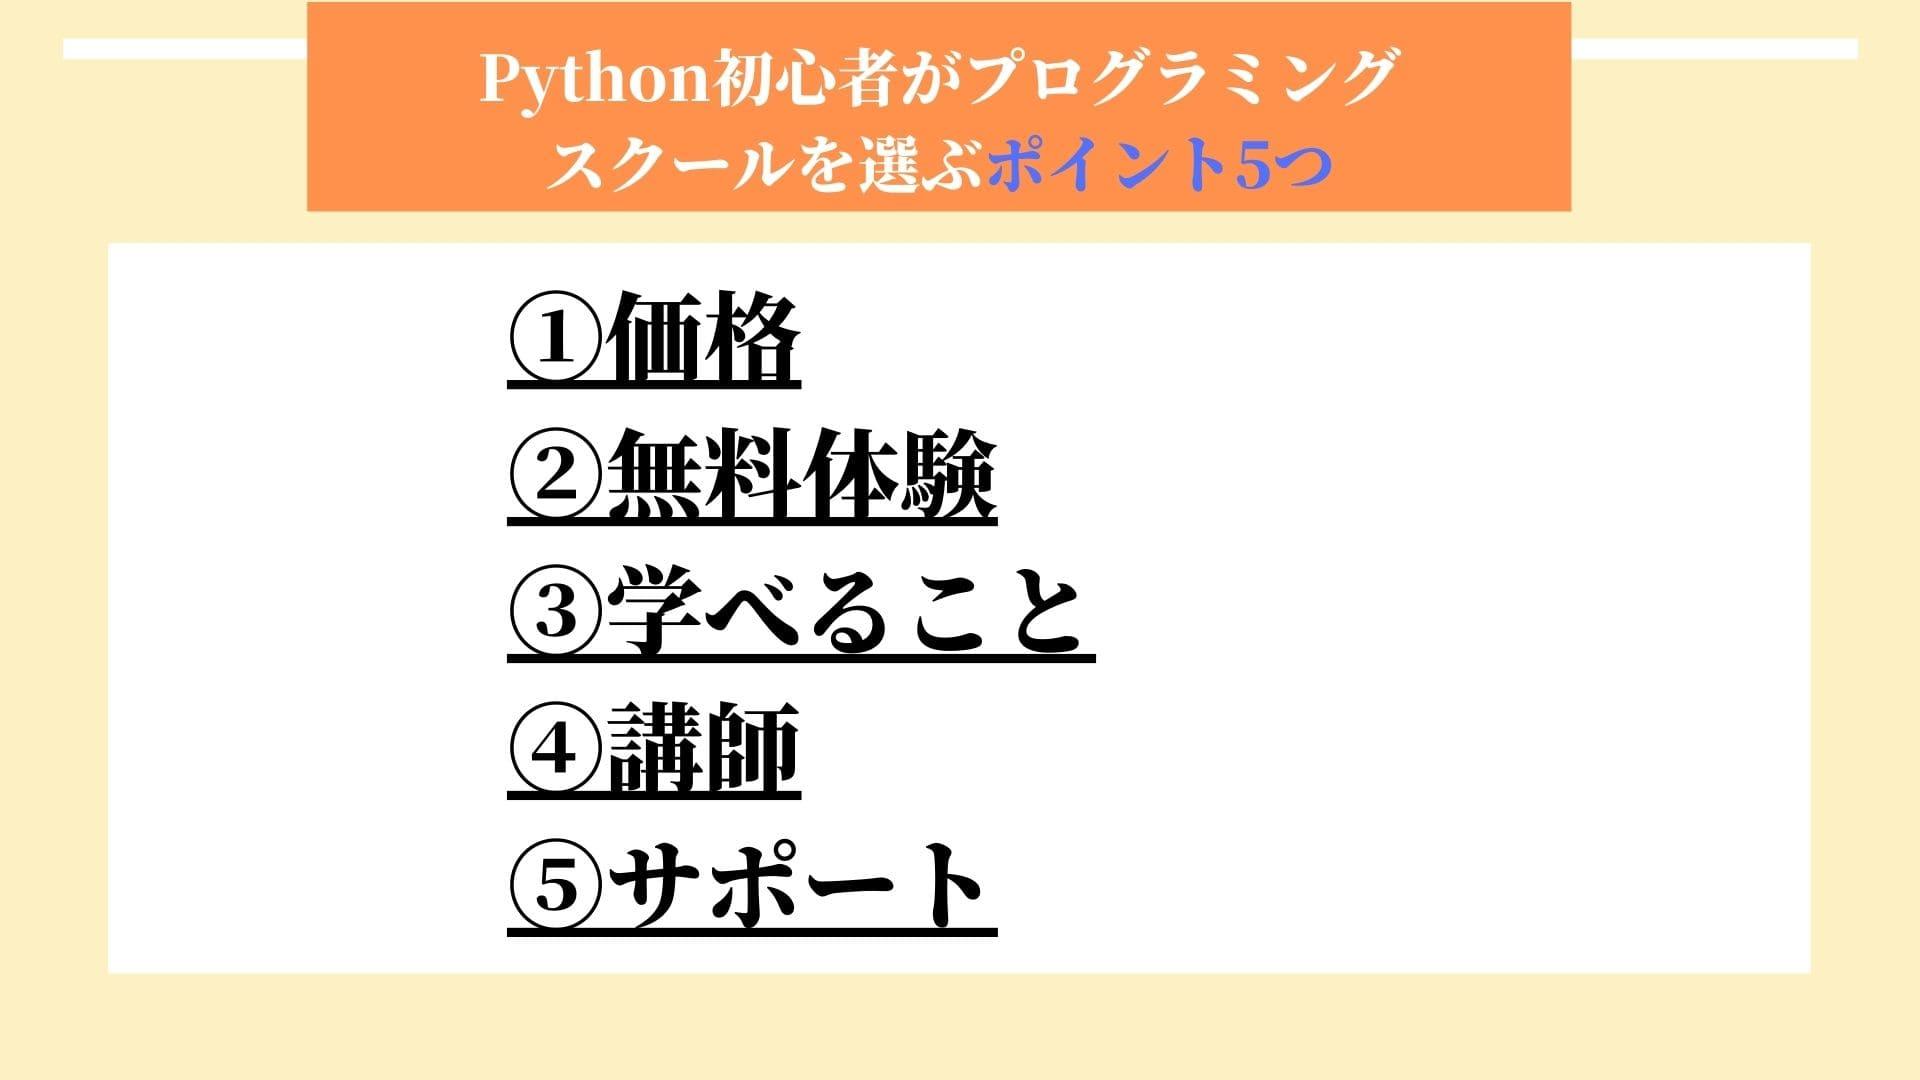 Python初心者 プログラミングスクール